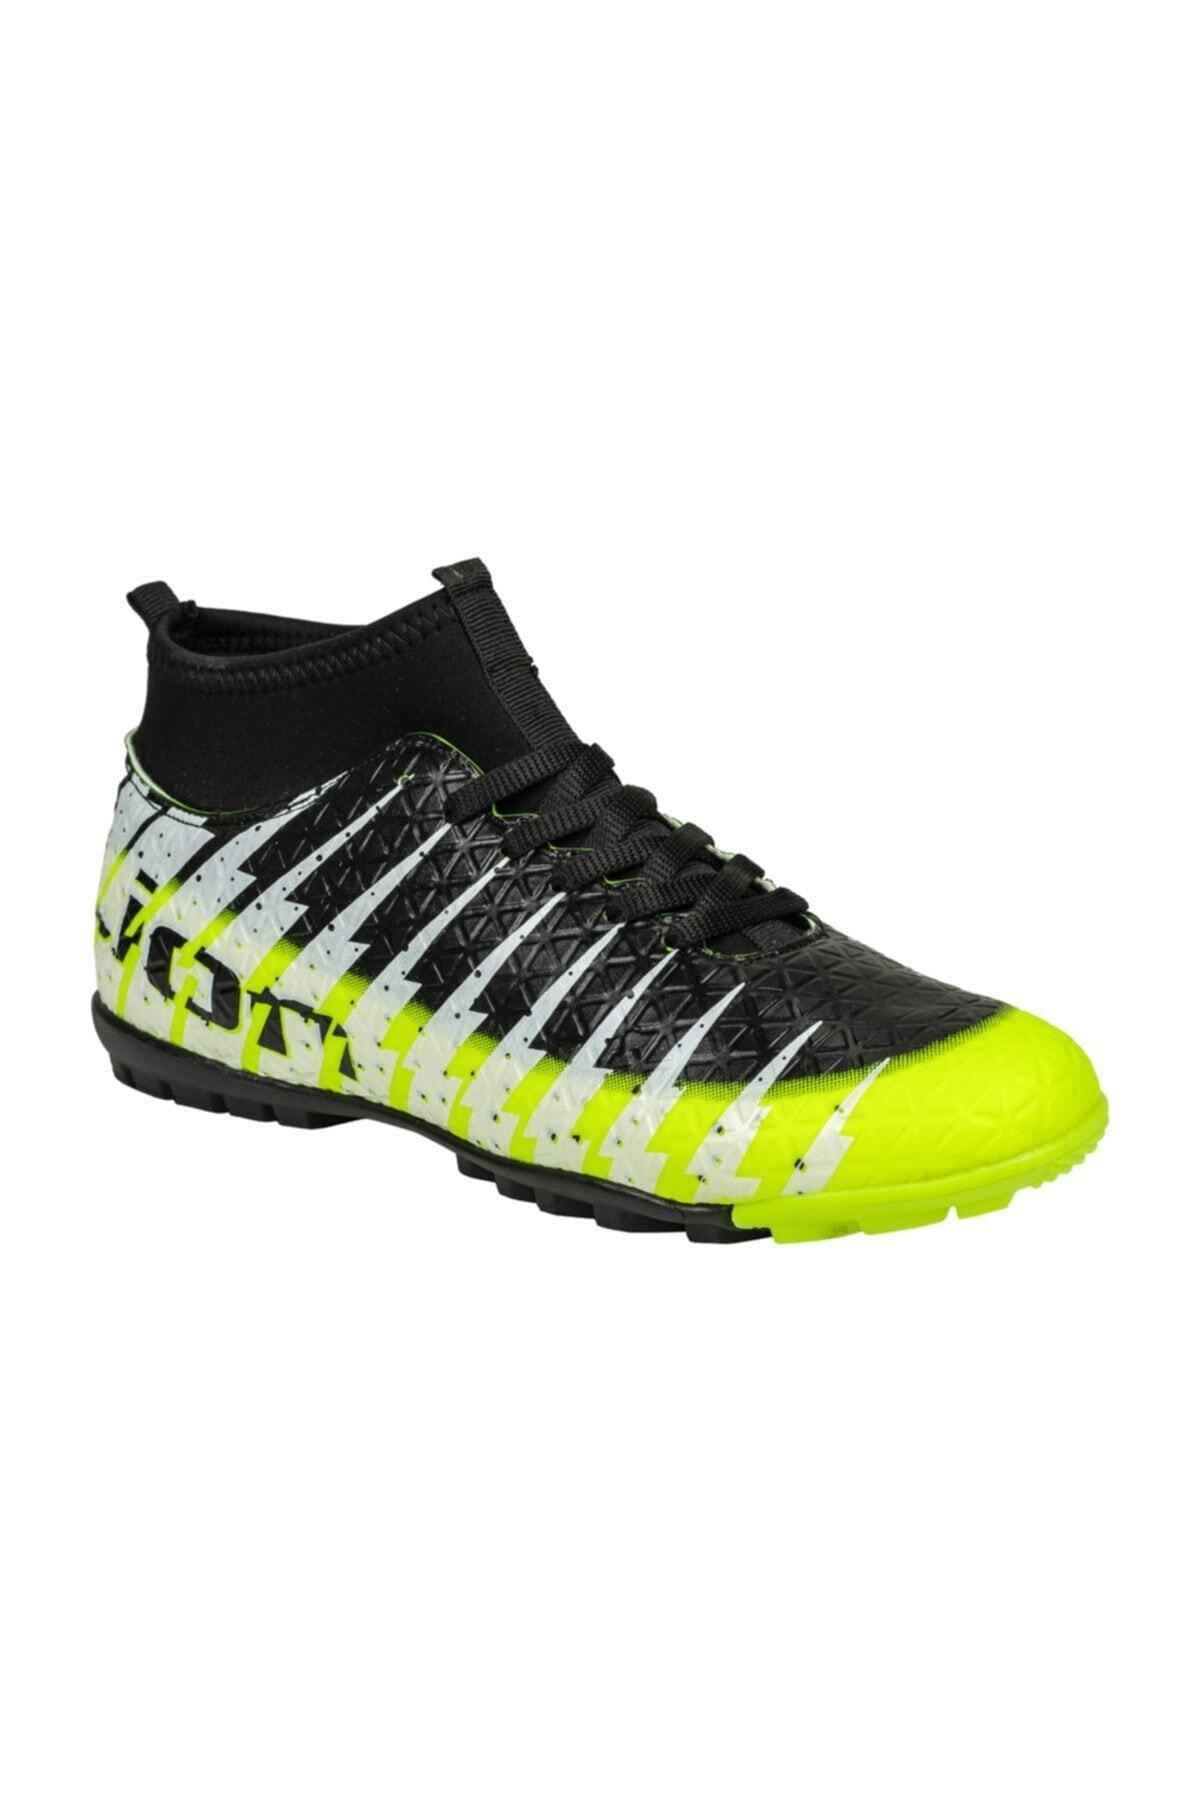 Lion 1453 Çoraplı Halısaha Futbol Ayakkabısı 1